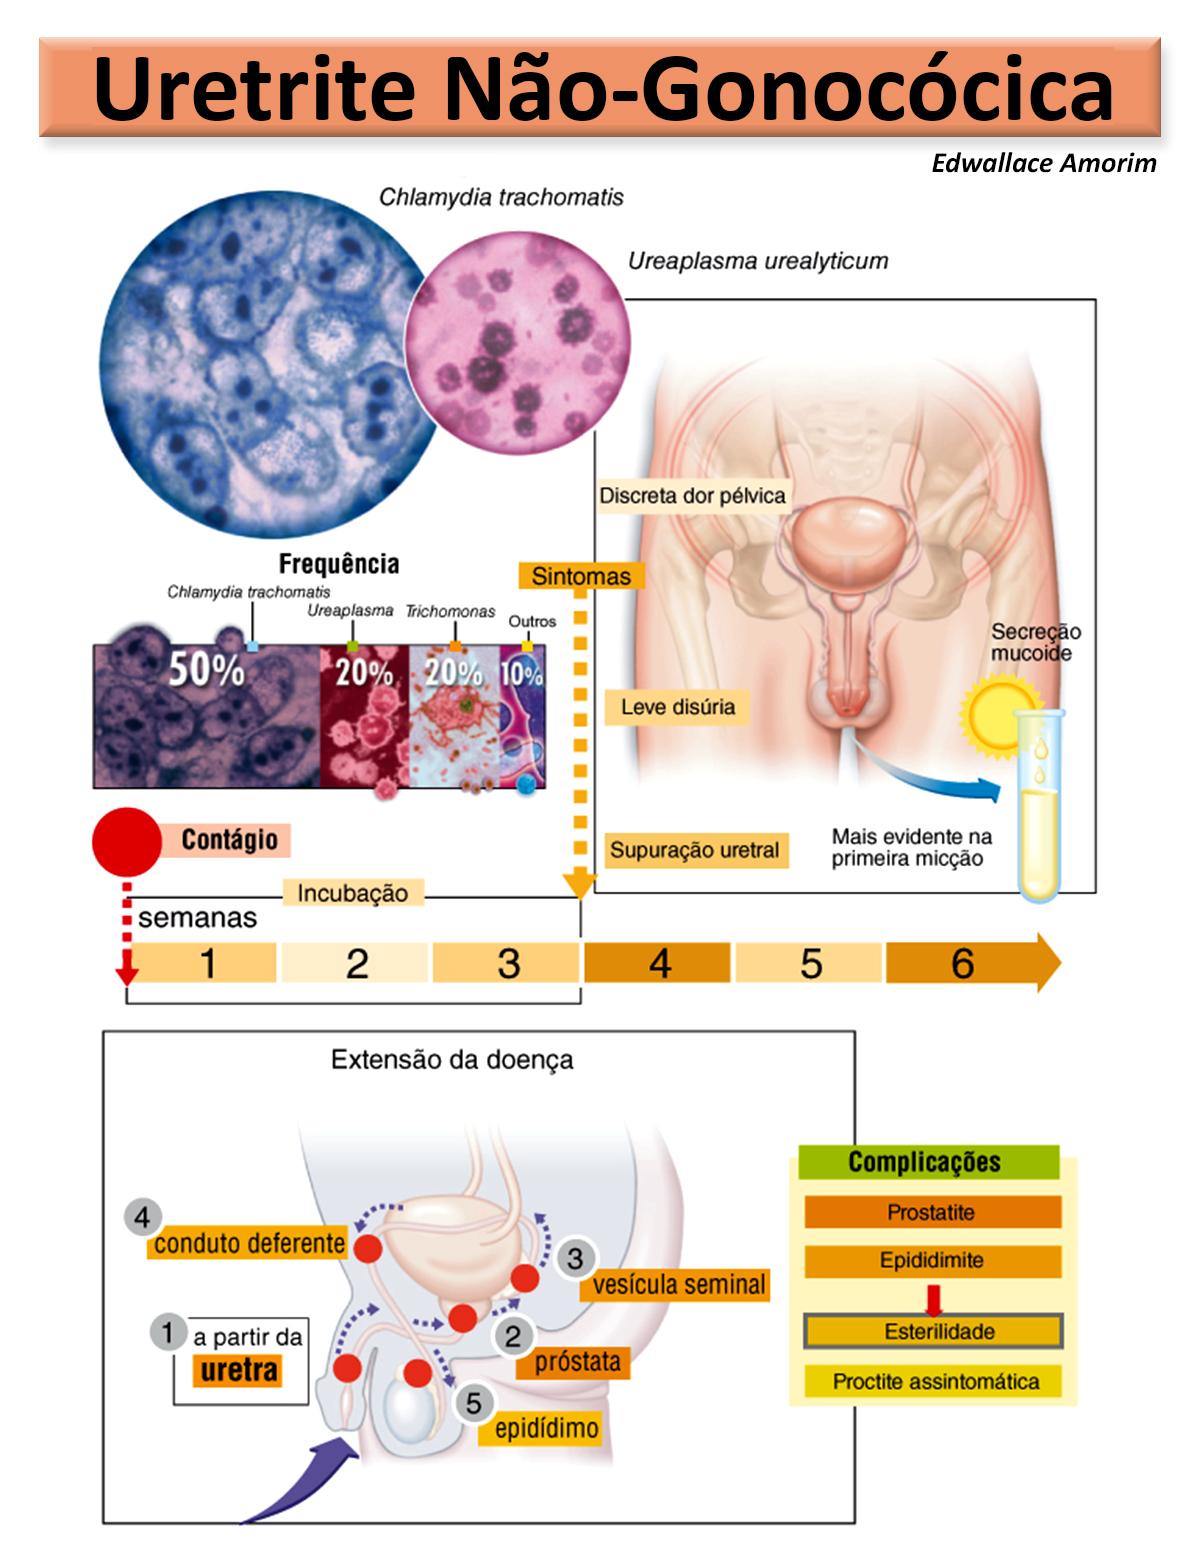 uretrite non- gonococica